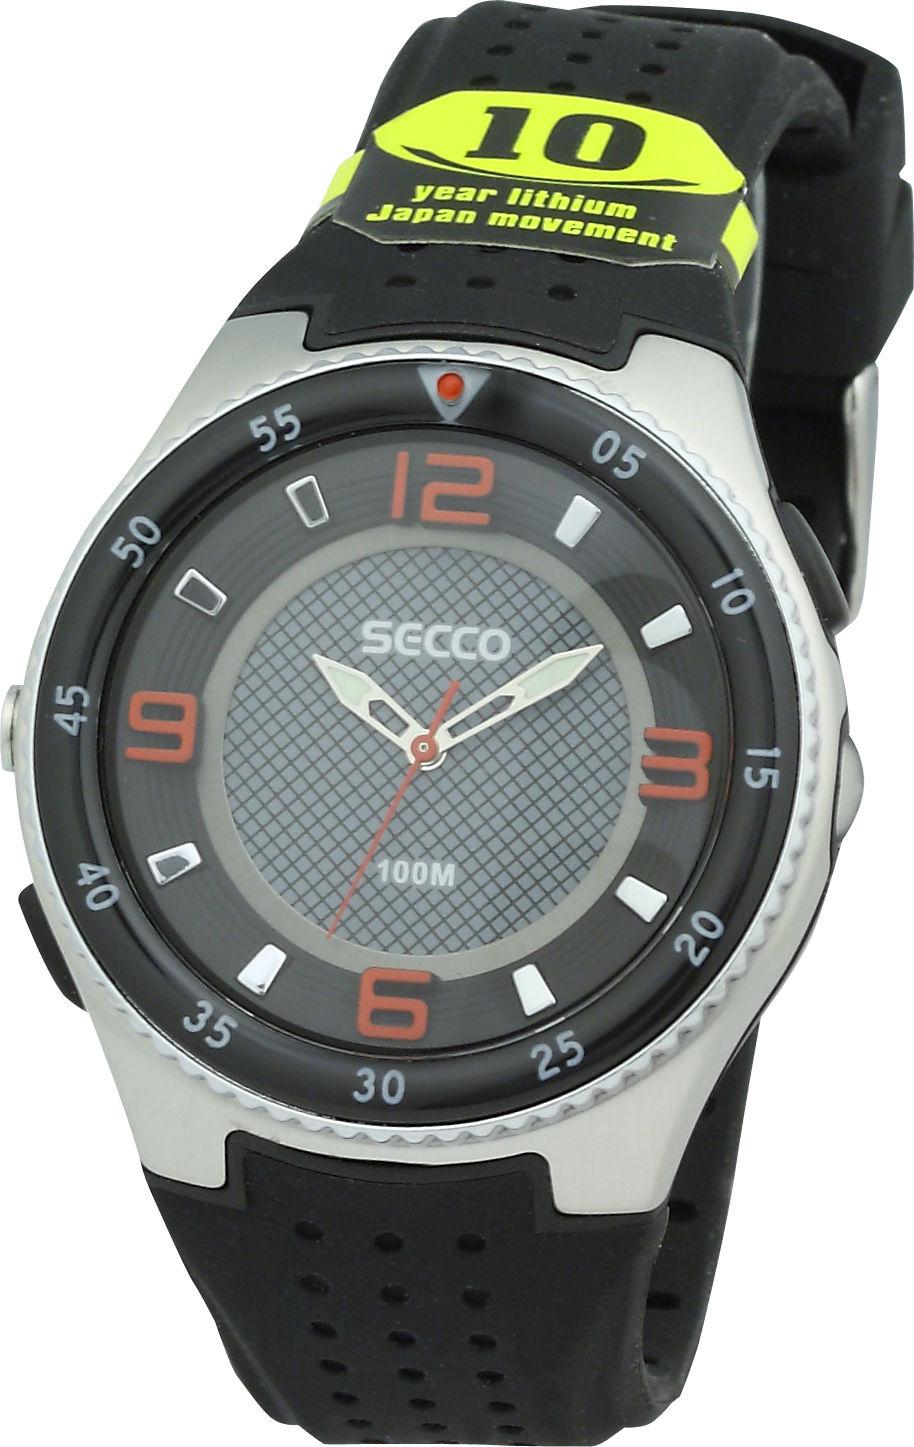 Secco S DQK-007